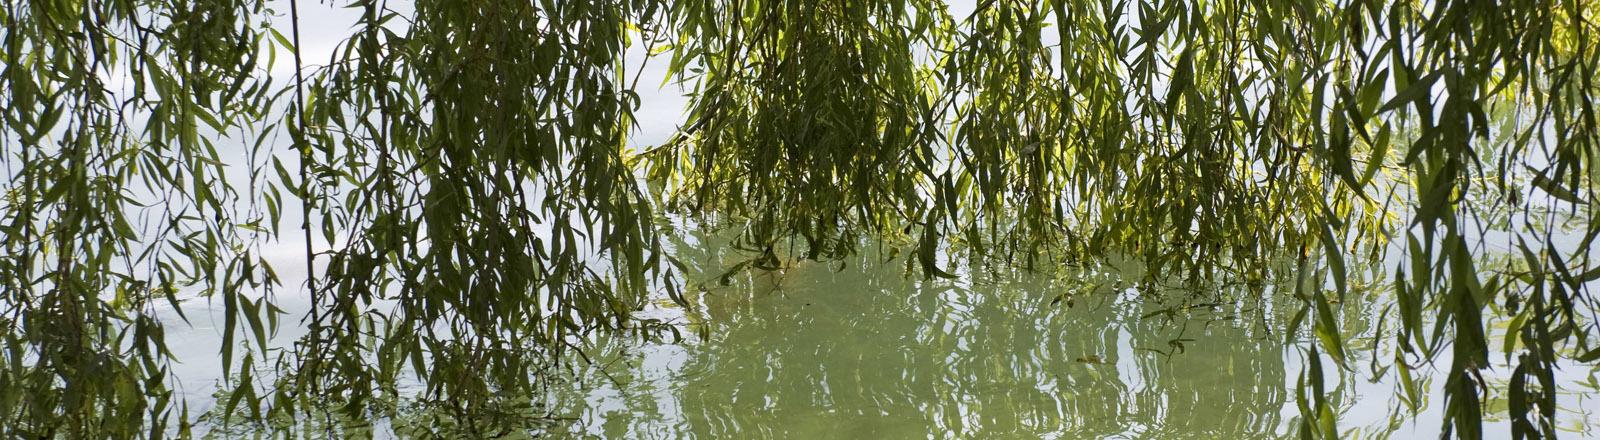 Eine Weide am Wasser